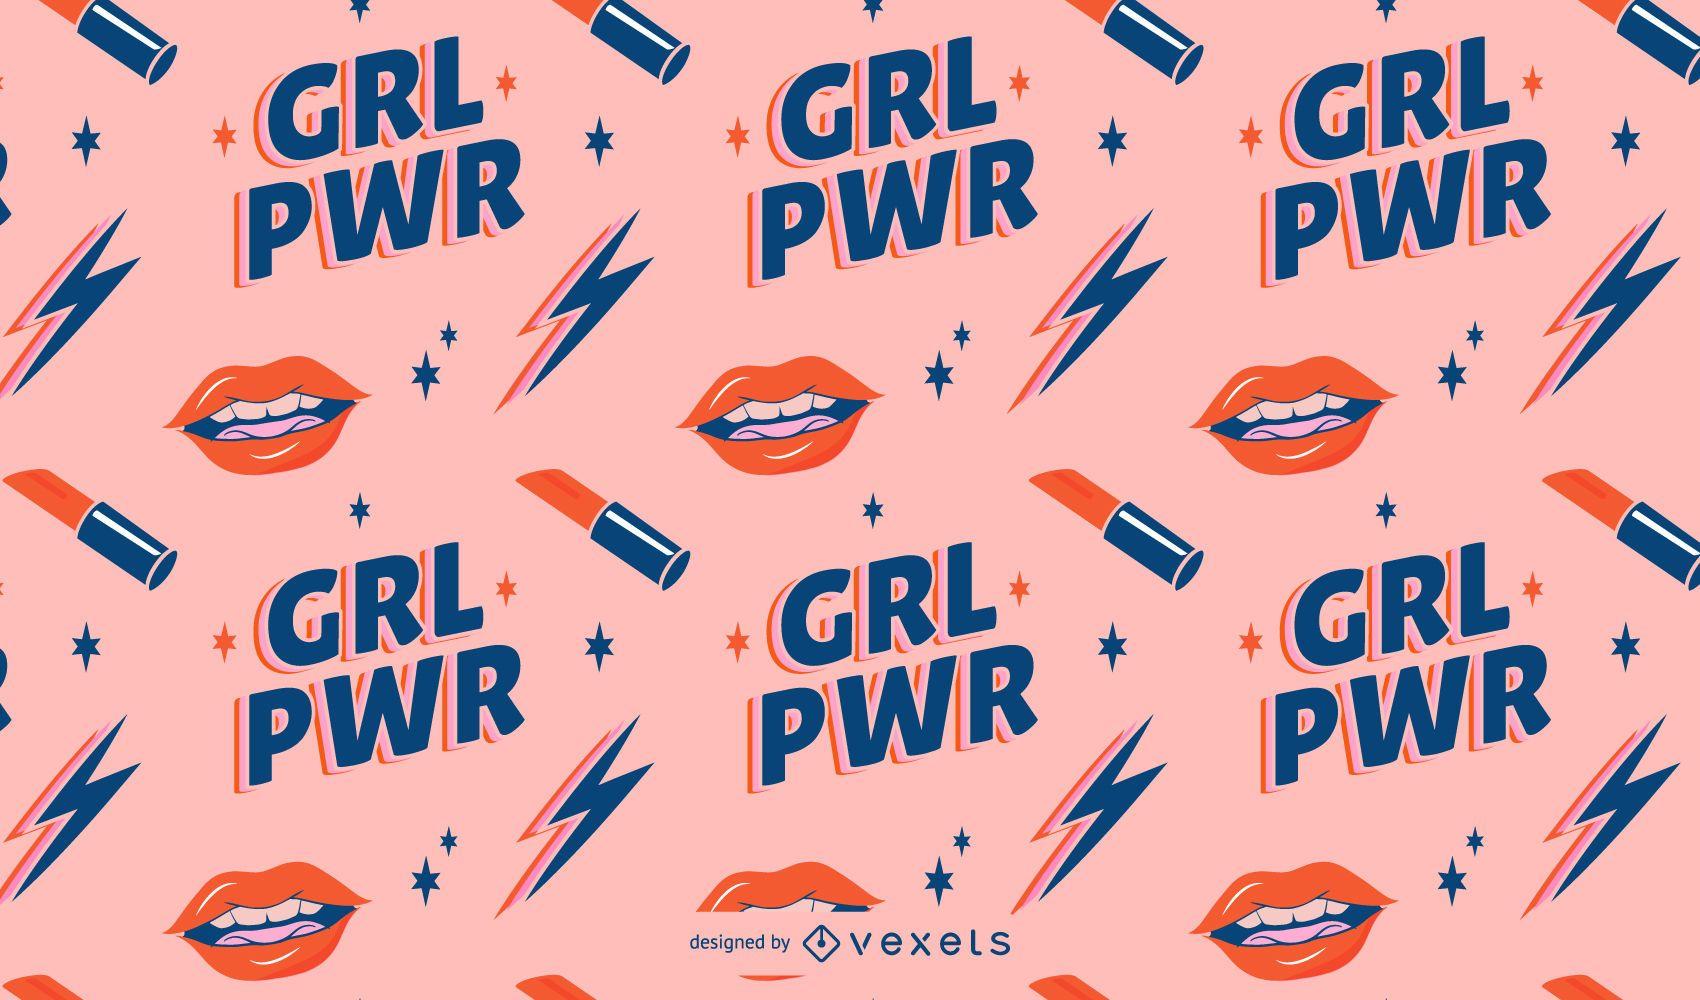 Grl power women's day pattern